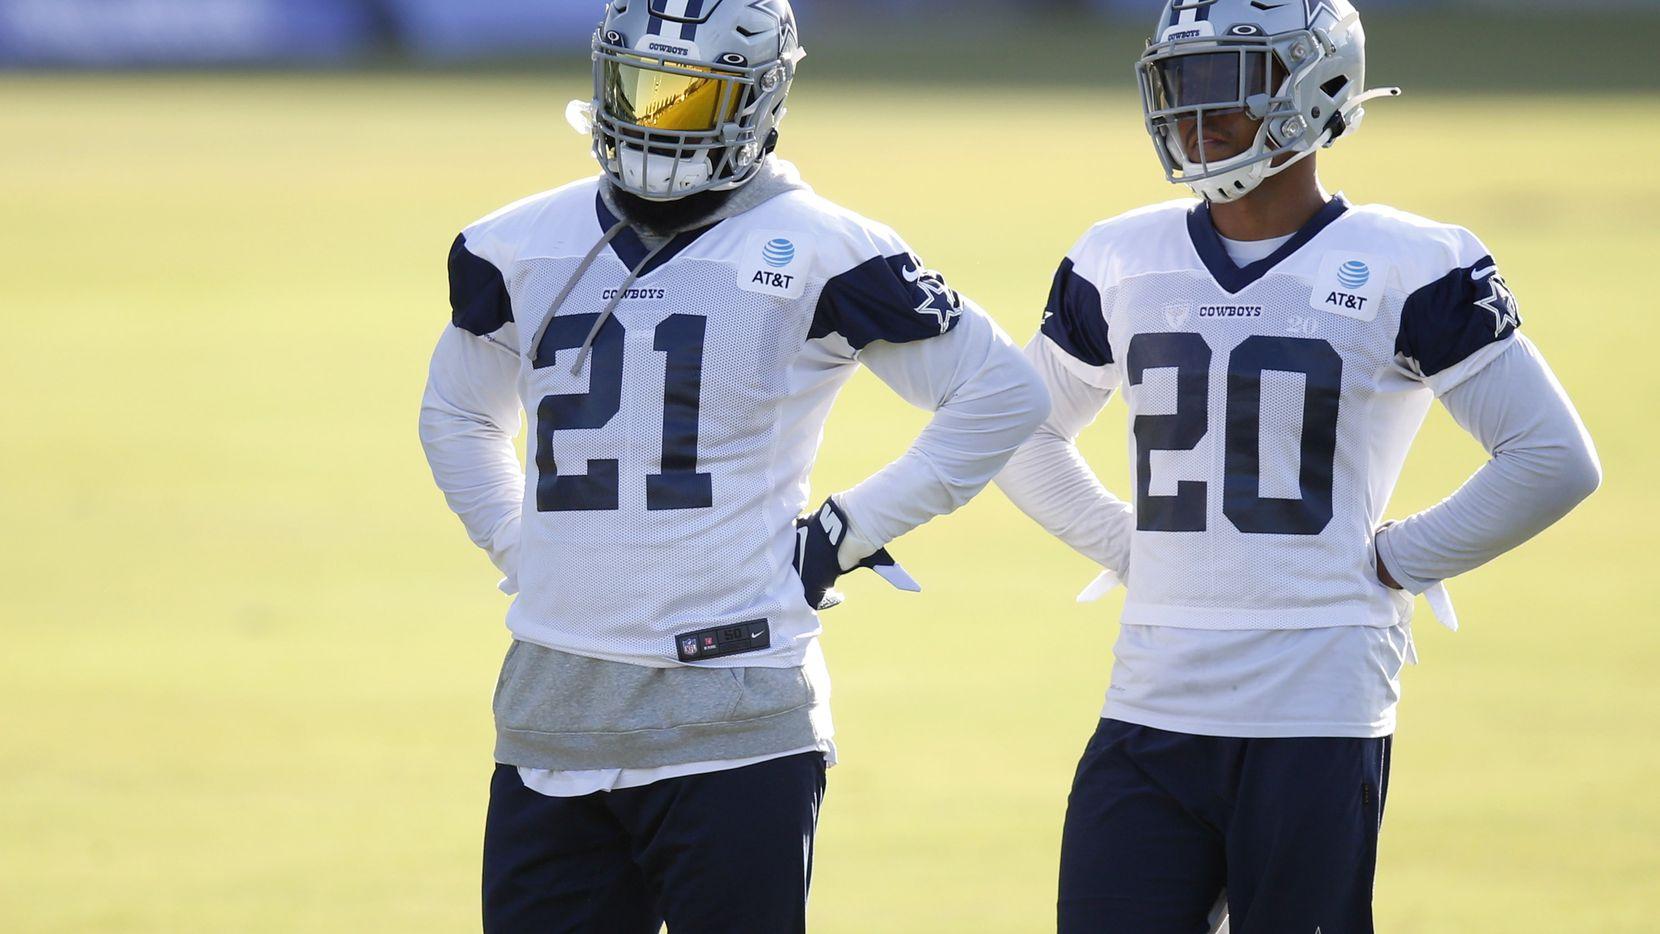 Los corredores de los Cowboys de Dallas, Ezekiel Elliott (21) y Tony Pollard (20), forman una de las mejores parejas de acarreadores de balón en la NFL.